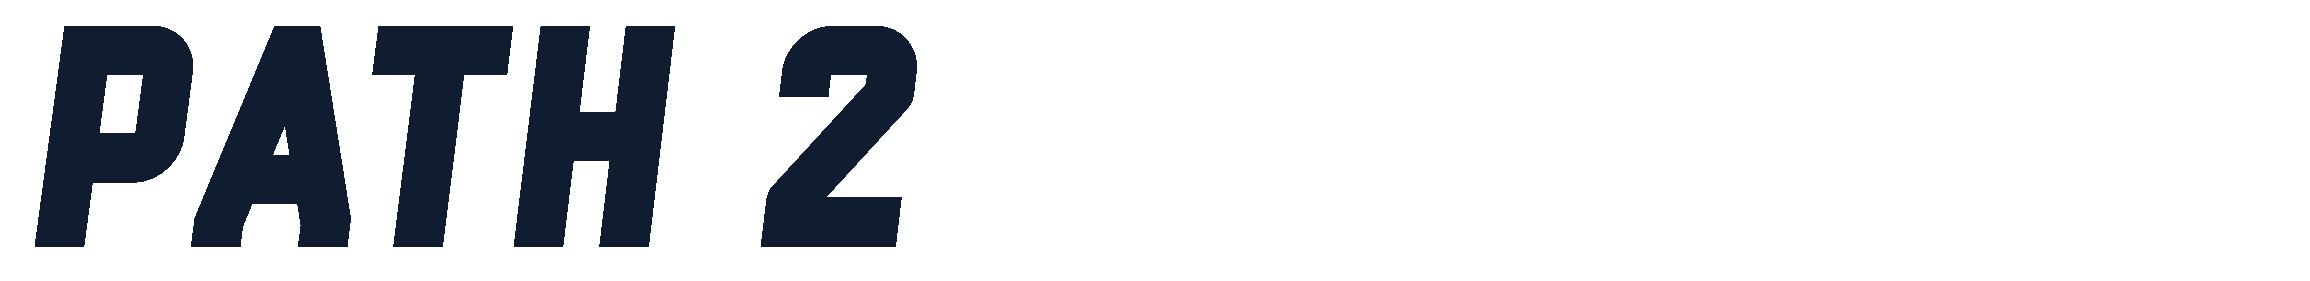 Path2Progress_white.png